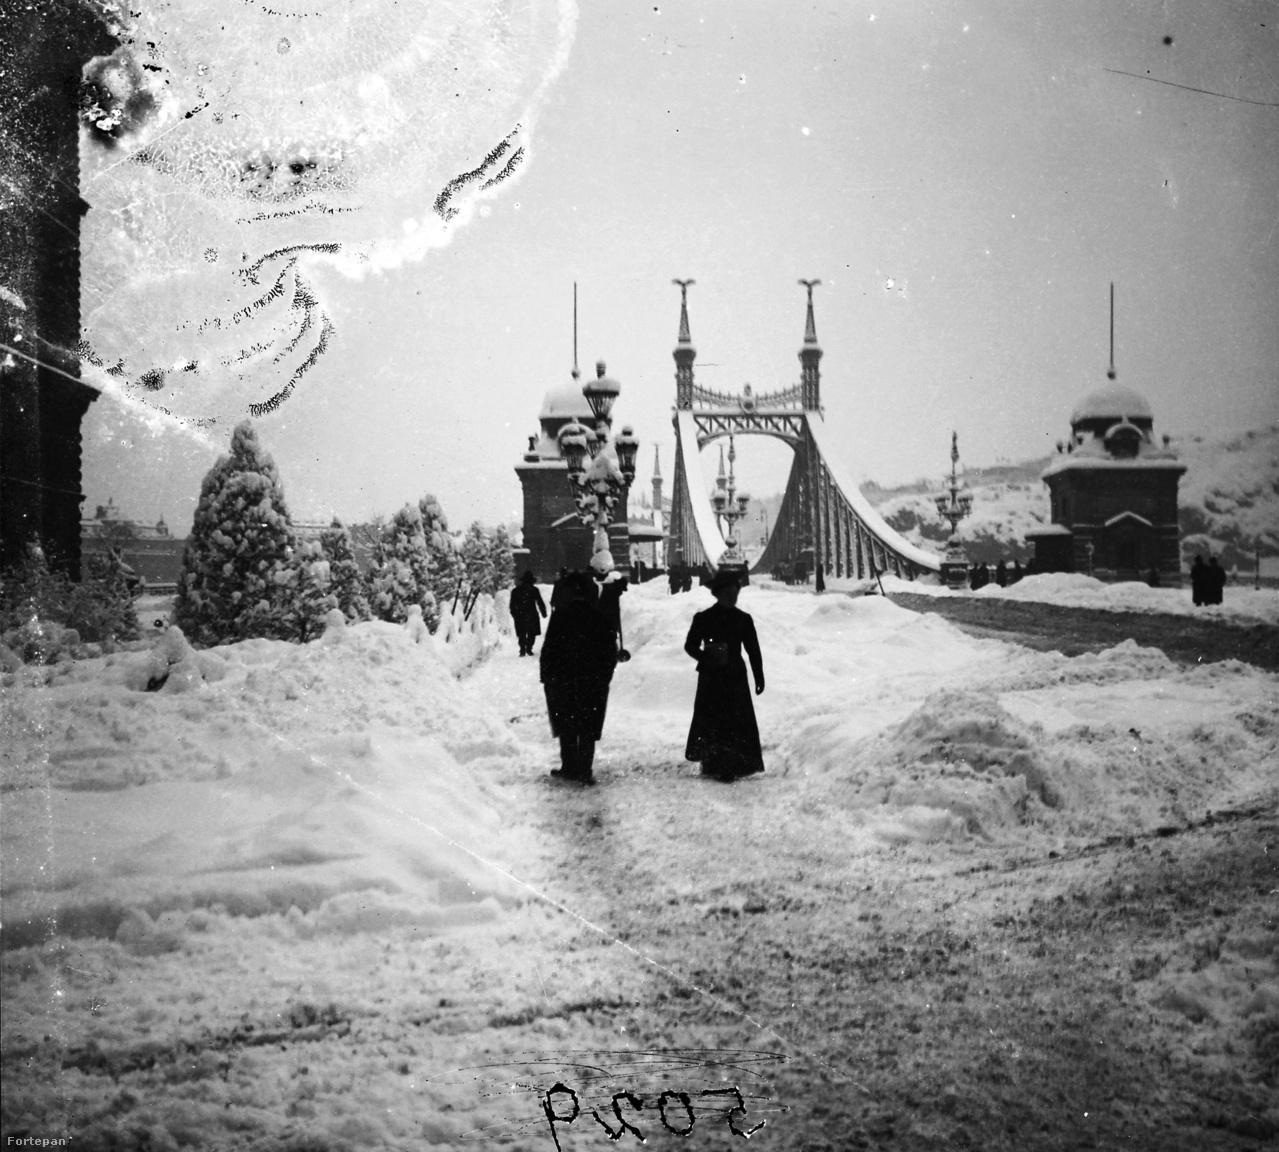 """1907 decemberében különösen erős havazás sokkolta az országot, hogy a tömegközlekedés megszűnt. """"A budapesti halandók csütörtökön reggel arra ébredtek, hogy nemcsak nagy havazás van, de a villamosok és az omnibuszok sem állanak rendelkezésükre, így aztán az óriási többség gyalogolni volt kénytelen, mert vajmi kevésnek adatott osztályrészül, hogy kétlovas kocsiba üljön és háromszoros taksát fizessen. Olyanok még akadtak volna, akik az egy- lovasokat vették volna igénybe, dehát a konflisok nyomtalanul eltűntek, mint a decemberi nagy havazások idején, amikor szintén nem mutatkoztak. Ezt különben okosan tették, mert az utcákat meg- fekvő hatalmas hótömegeken át ezer métert sem tudtak volna tenni. A kényelemhez szokott budapestiek tehát az apostolok lovait vették igénybe s az egy órai utat két óra alatt tették meg, mert minden két- lépés után egyet visszacsúsztak"""" - írta a Pesti Hírlap 1907 februárjában. A Fővám tér, a Szabadság (Ferenc József) híd pesti hídfője, balra a Fővámpalota látható 1907-ből a képen."""